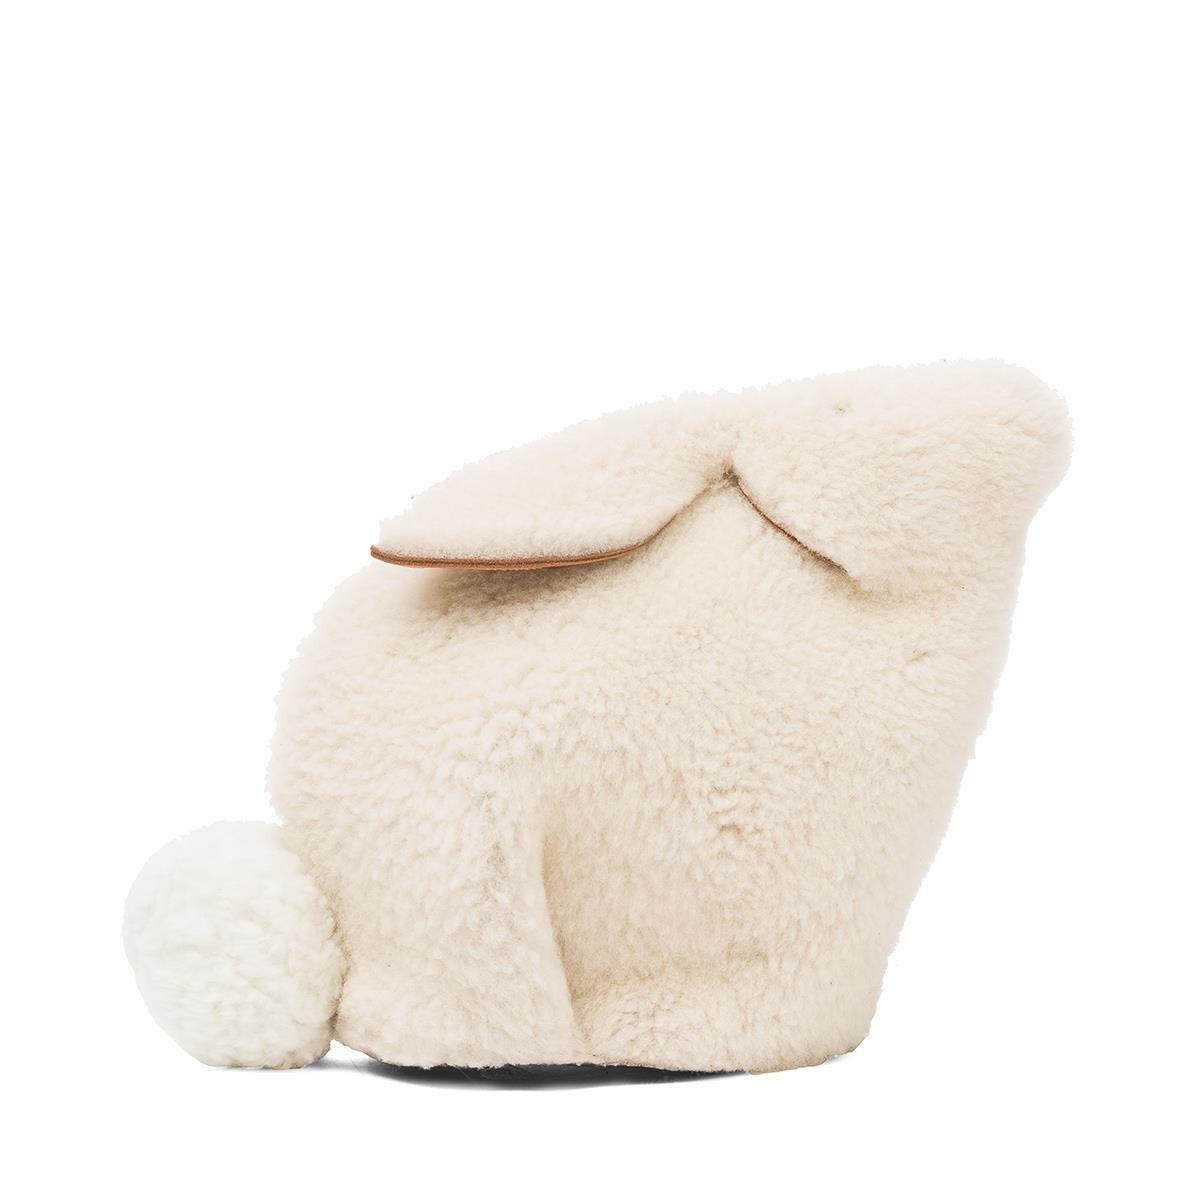 LOEWE Bunny Mini Bag Natural front